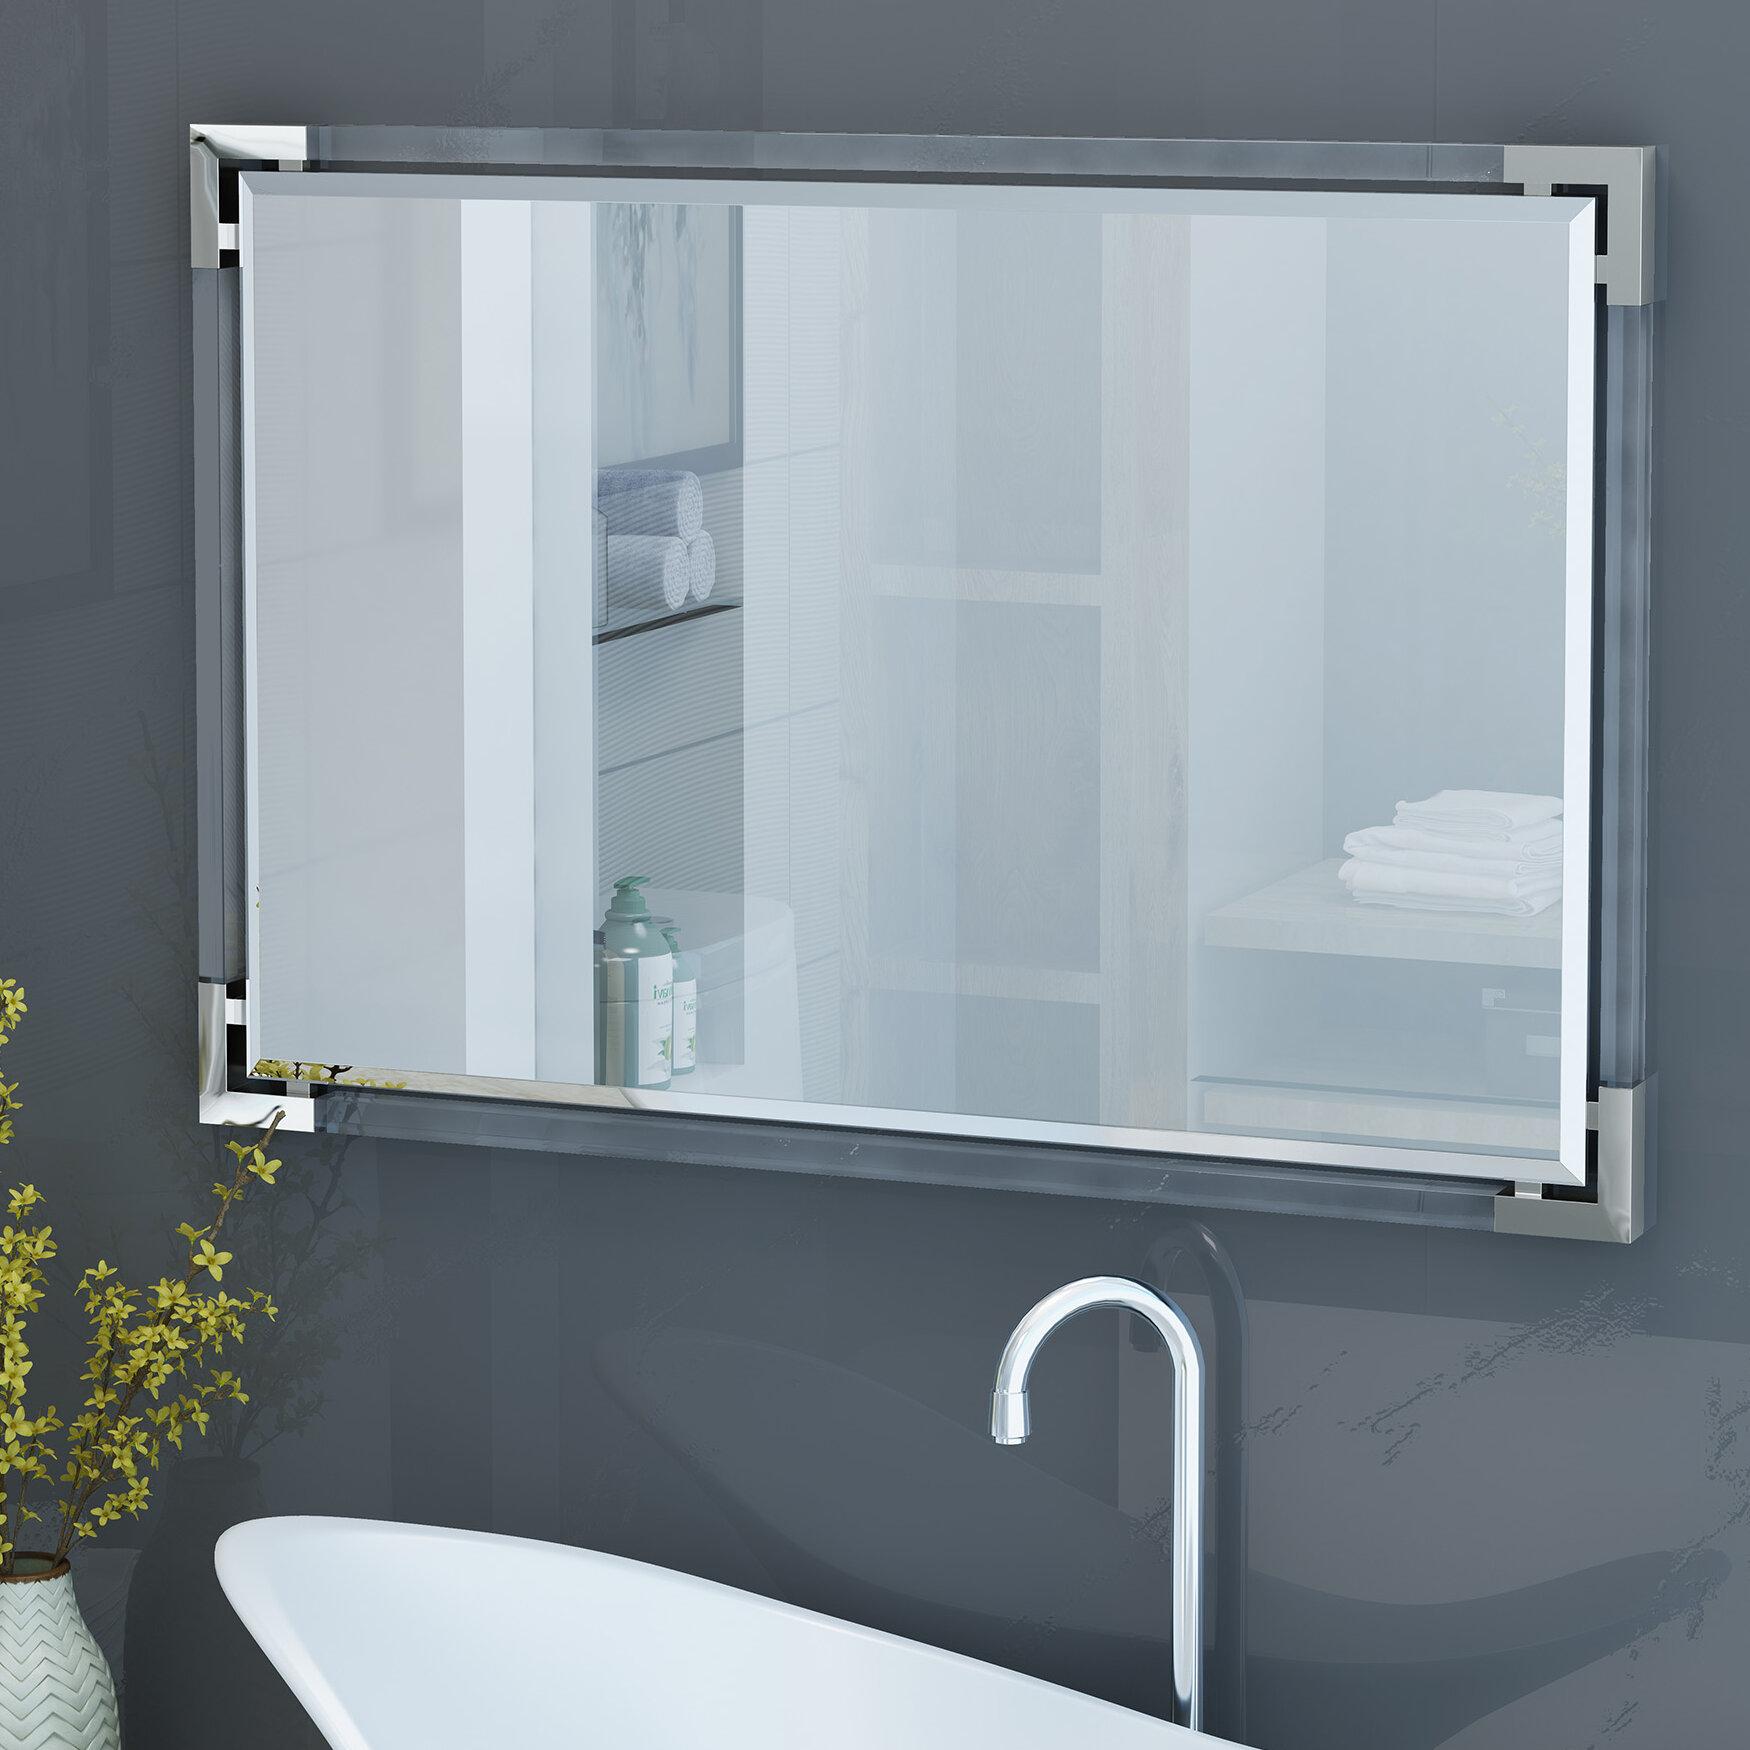 Ebern Designs Encarnacion Wall Bathroom/Vanity Mirror | Wayfair